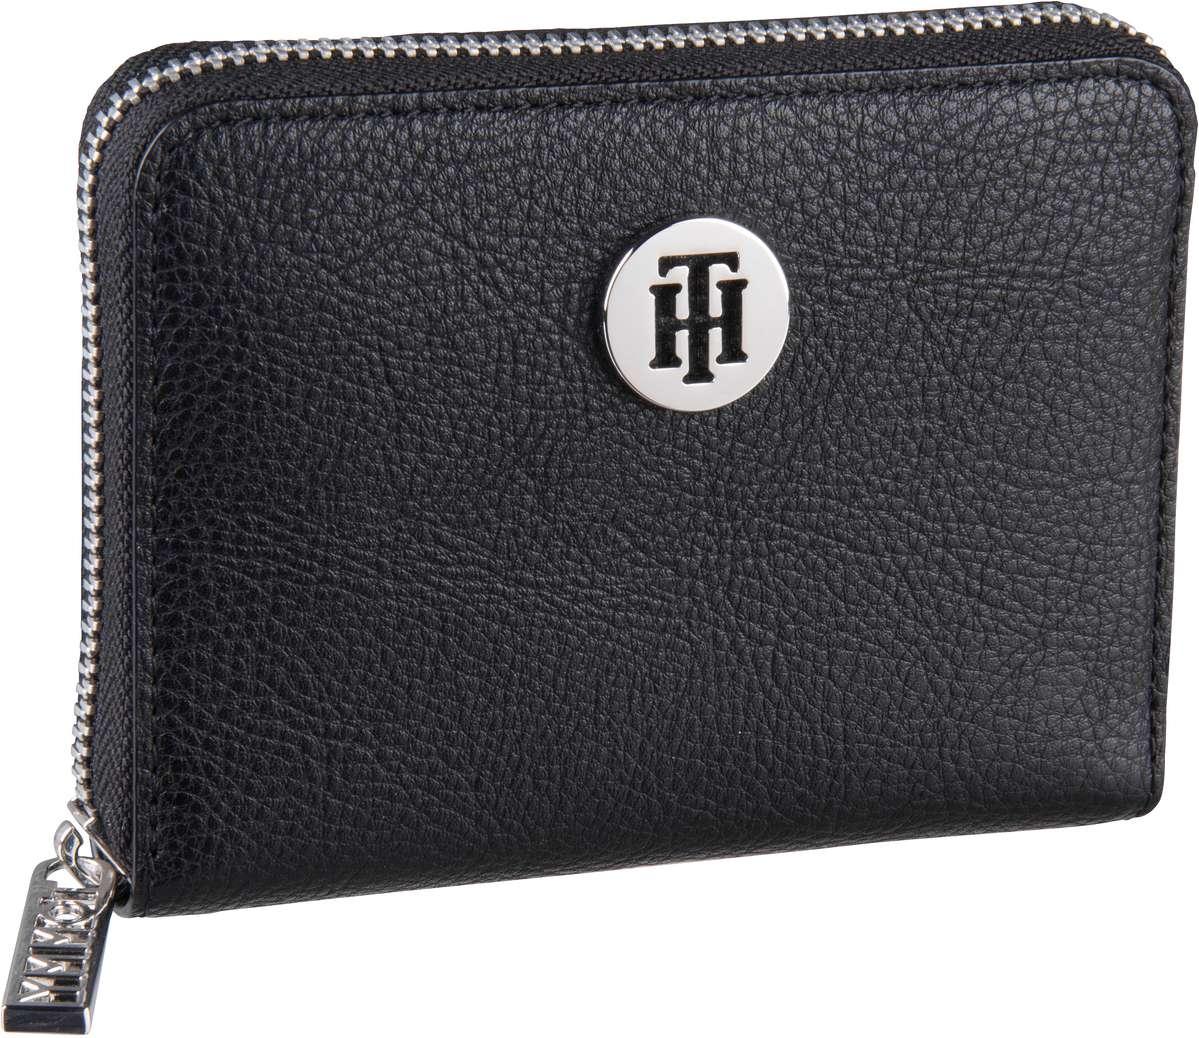 Geldboersen für Frauen - Tommy Hilfiger Geldbörse TH Core Compact ZA Wallet 6135 Black  - Onlineshop Taschenkaufhaus